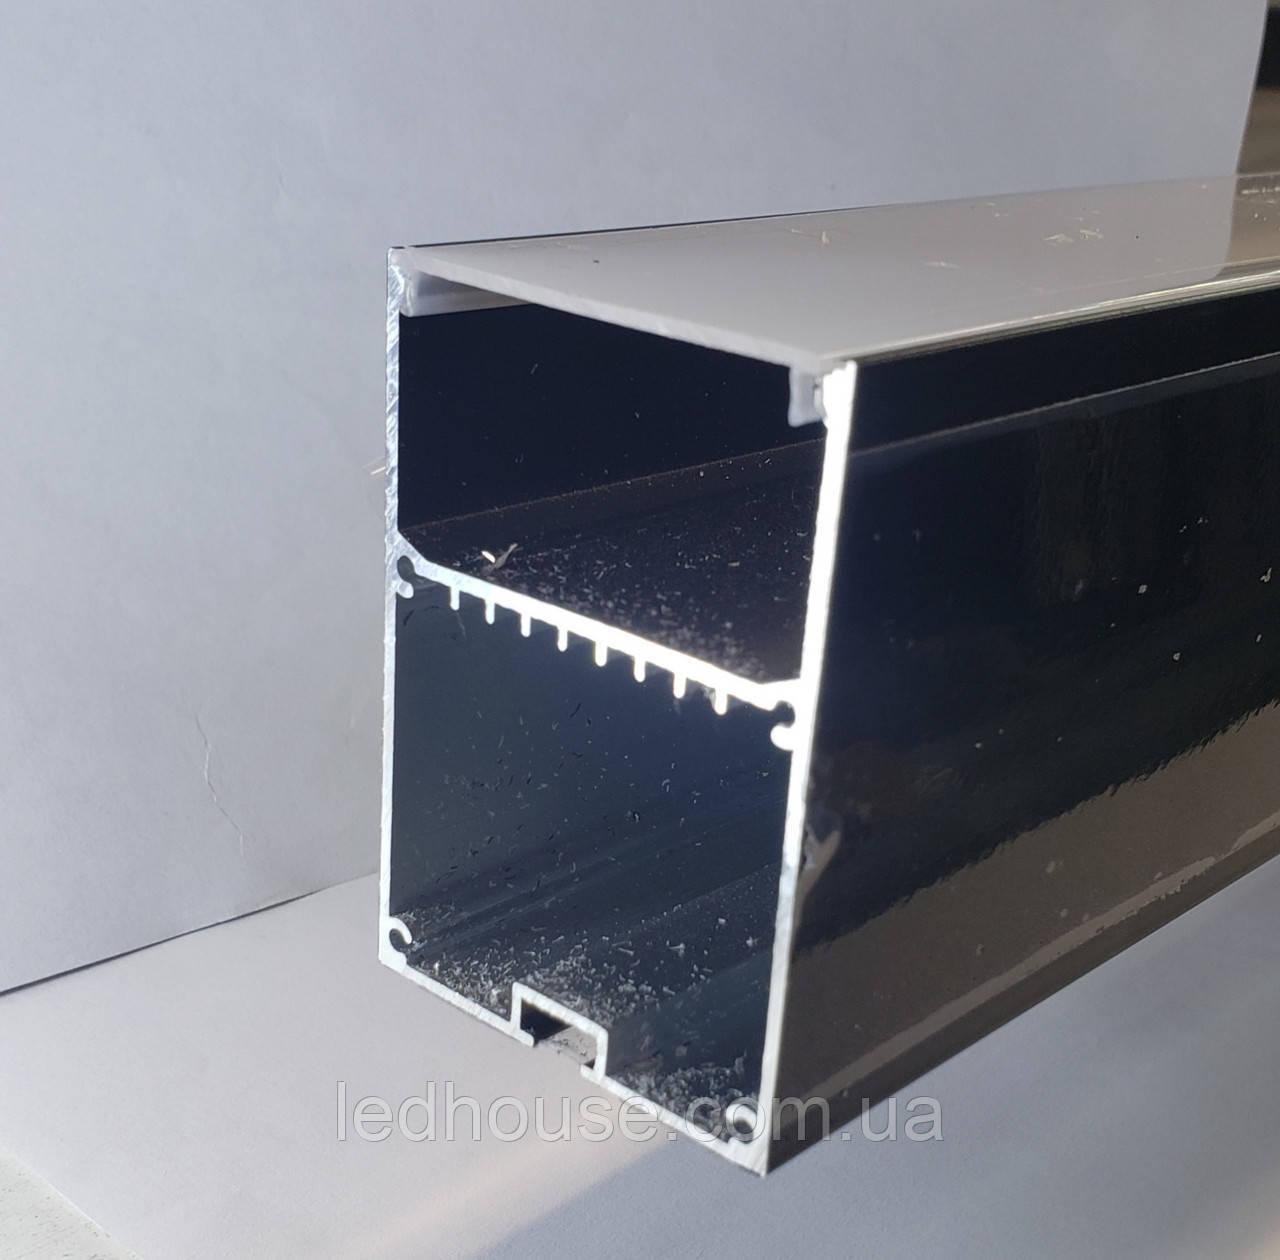 Профиль для светодиодной ленты ЛСБ-50х70 Черный